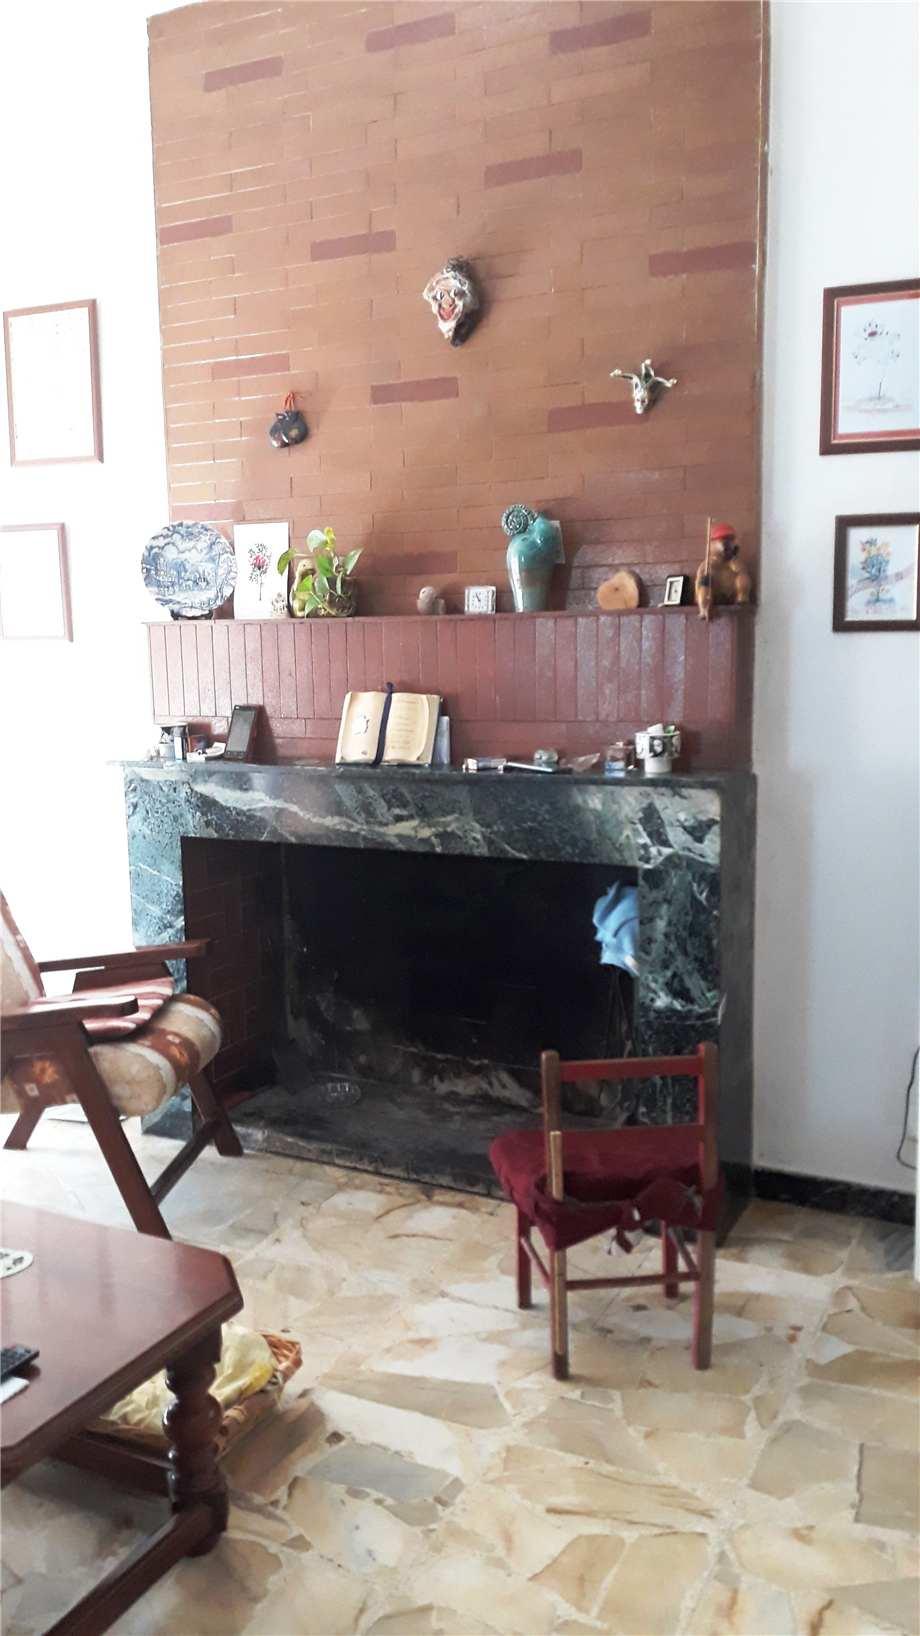 Venta Villa/Casa independiente Bonarcado centro bonarcado #MAR49 n.6